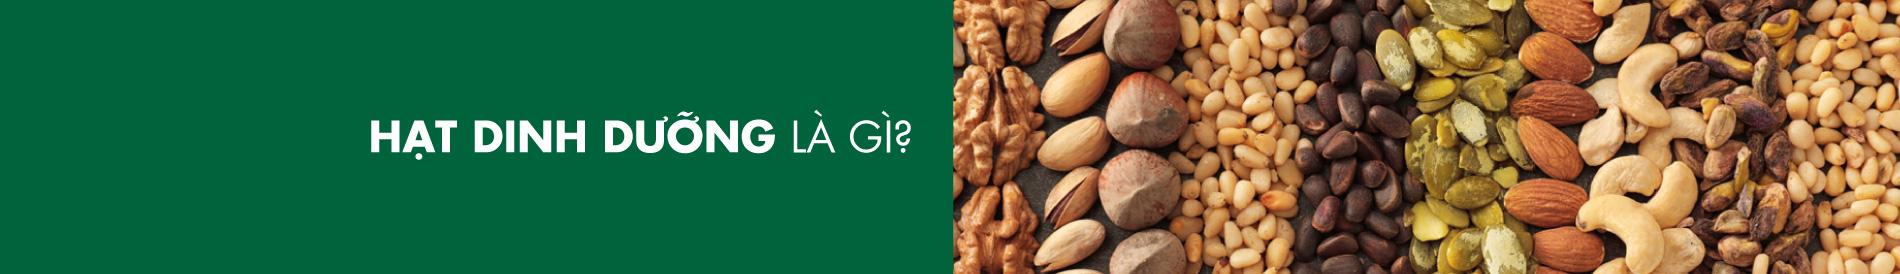 Banner-Nut1.2jpg